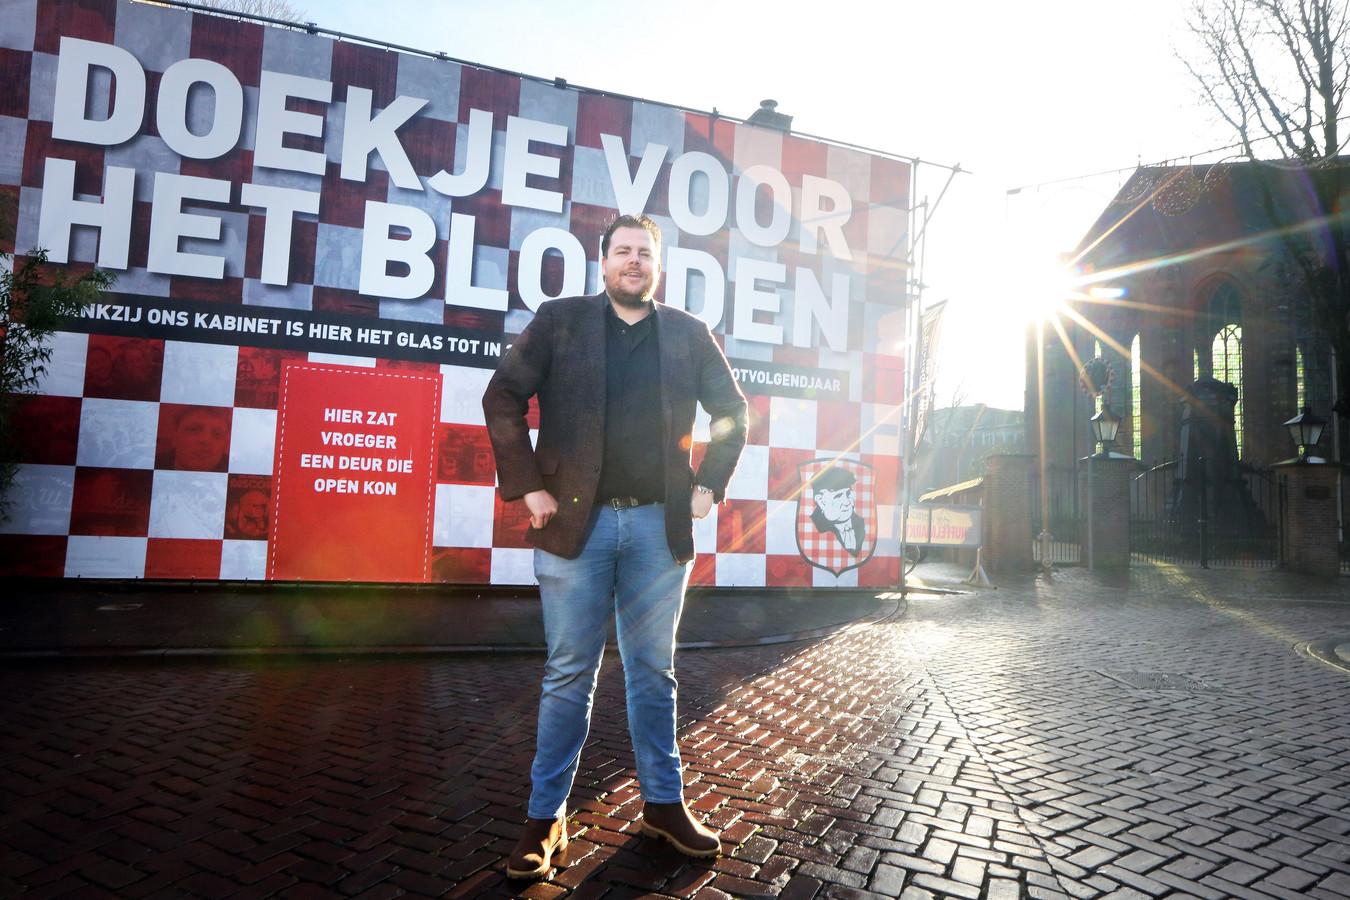 Uitbater Johan de Vos bij de van een protestdoek voorziene gevel van zijn café Boerke Verschuren op de Ginnekenmarkt in Breda.